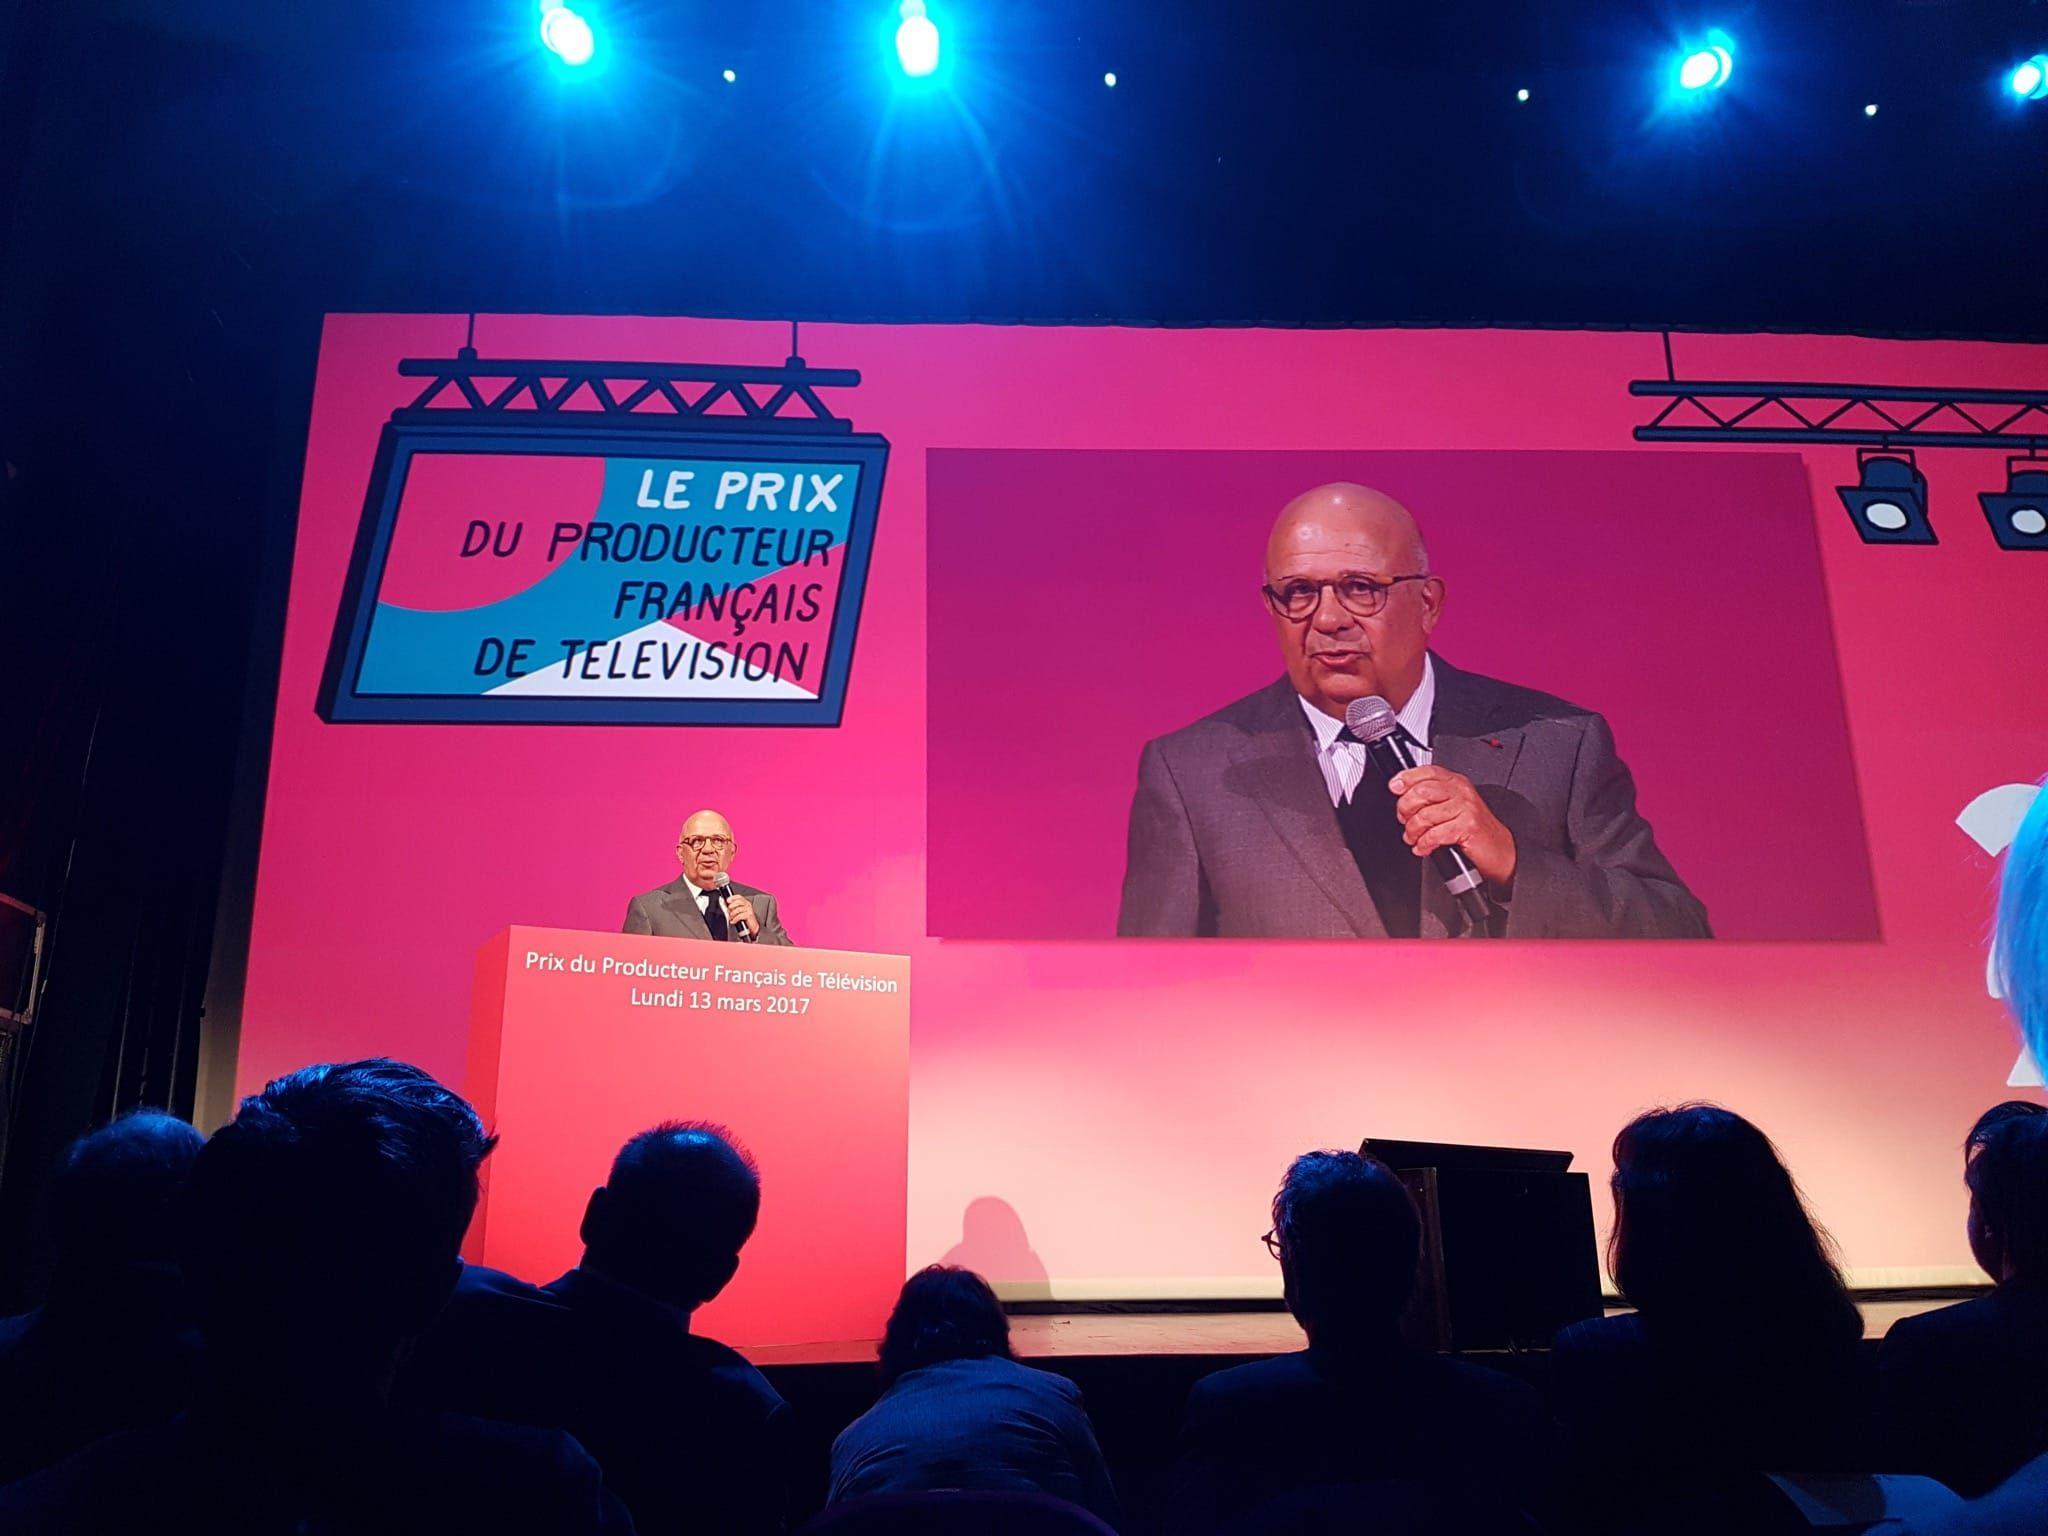 Prix du producteur français de télévision 2017 image 8